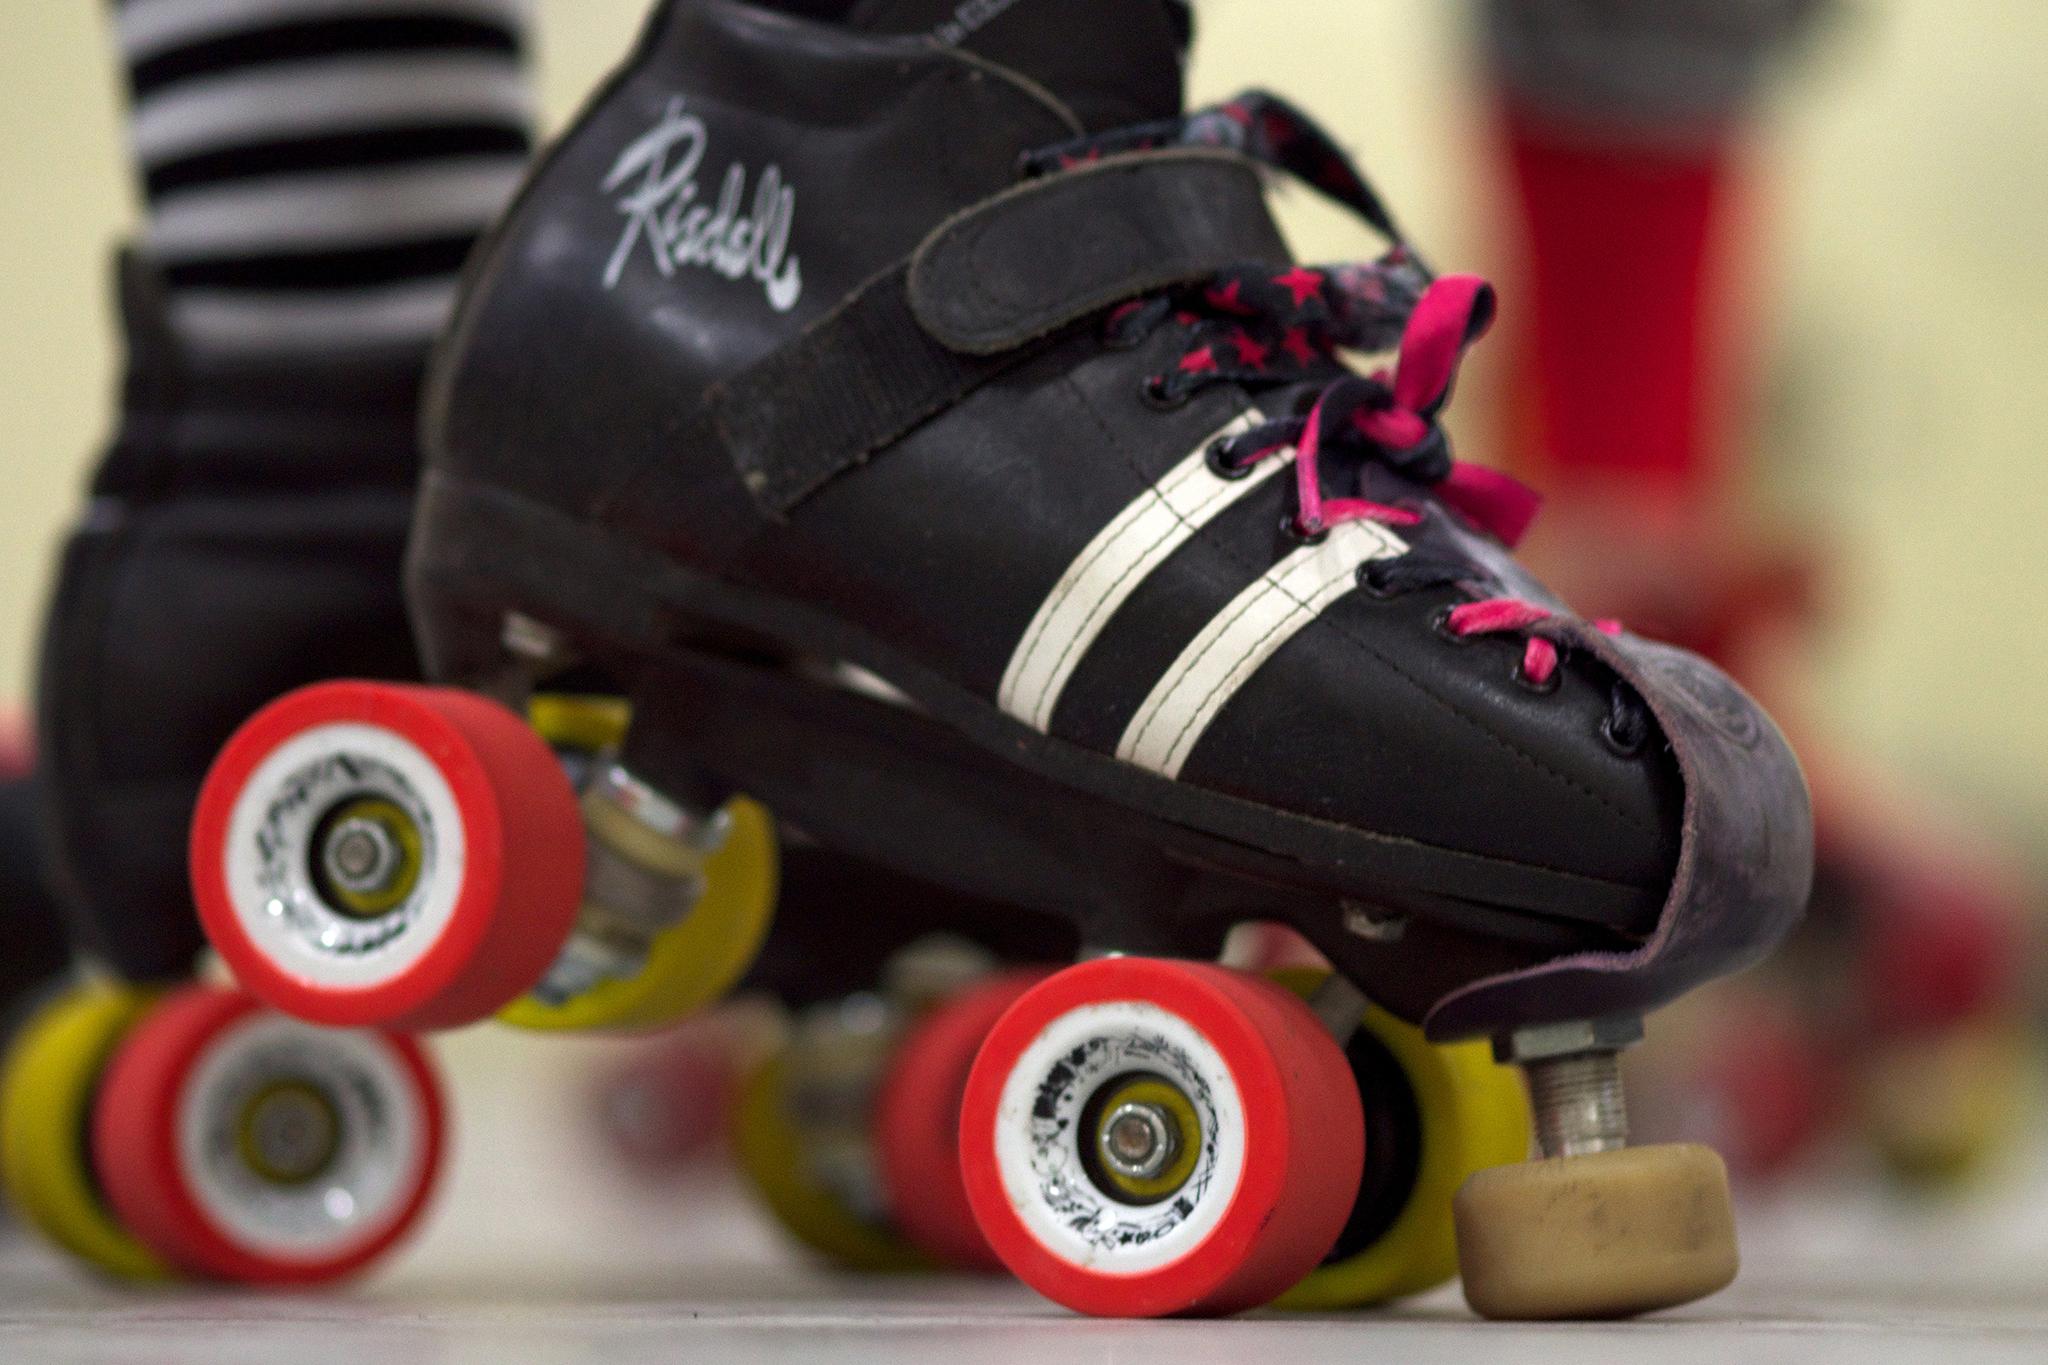 Skaterobics at St. John's  Recreation Center